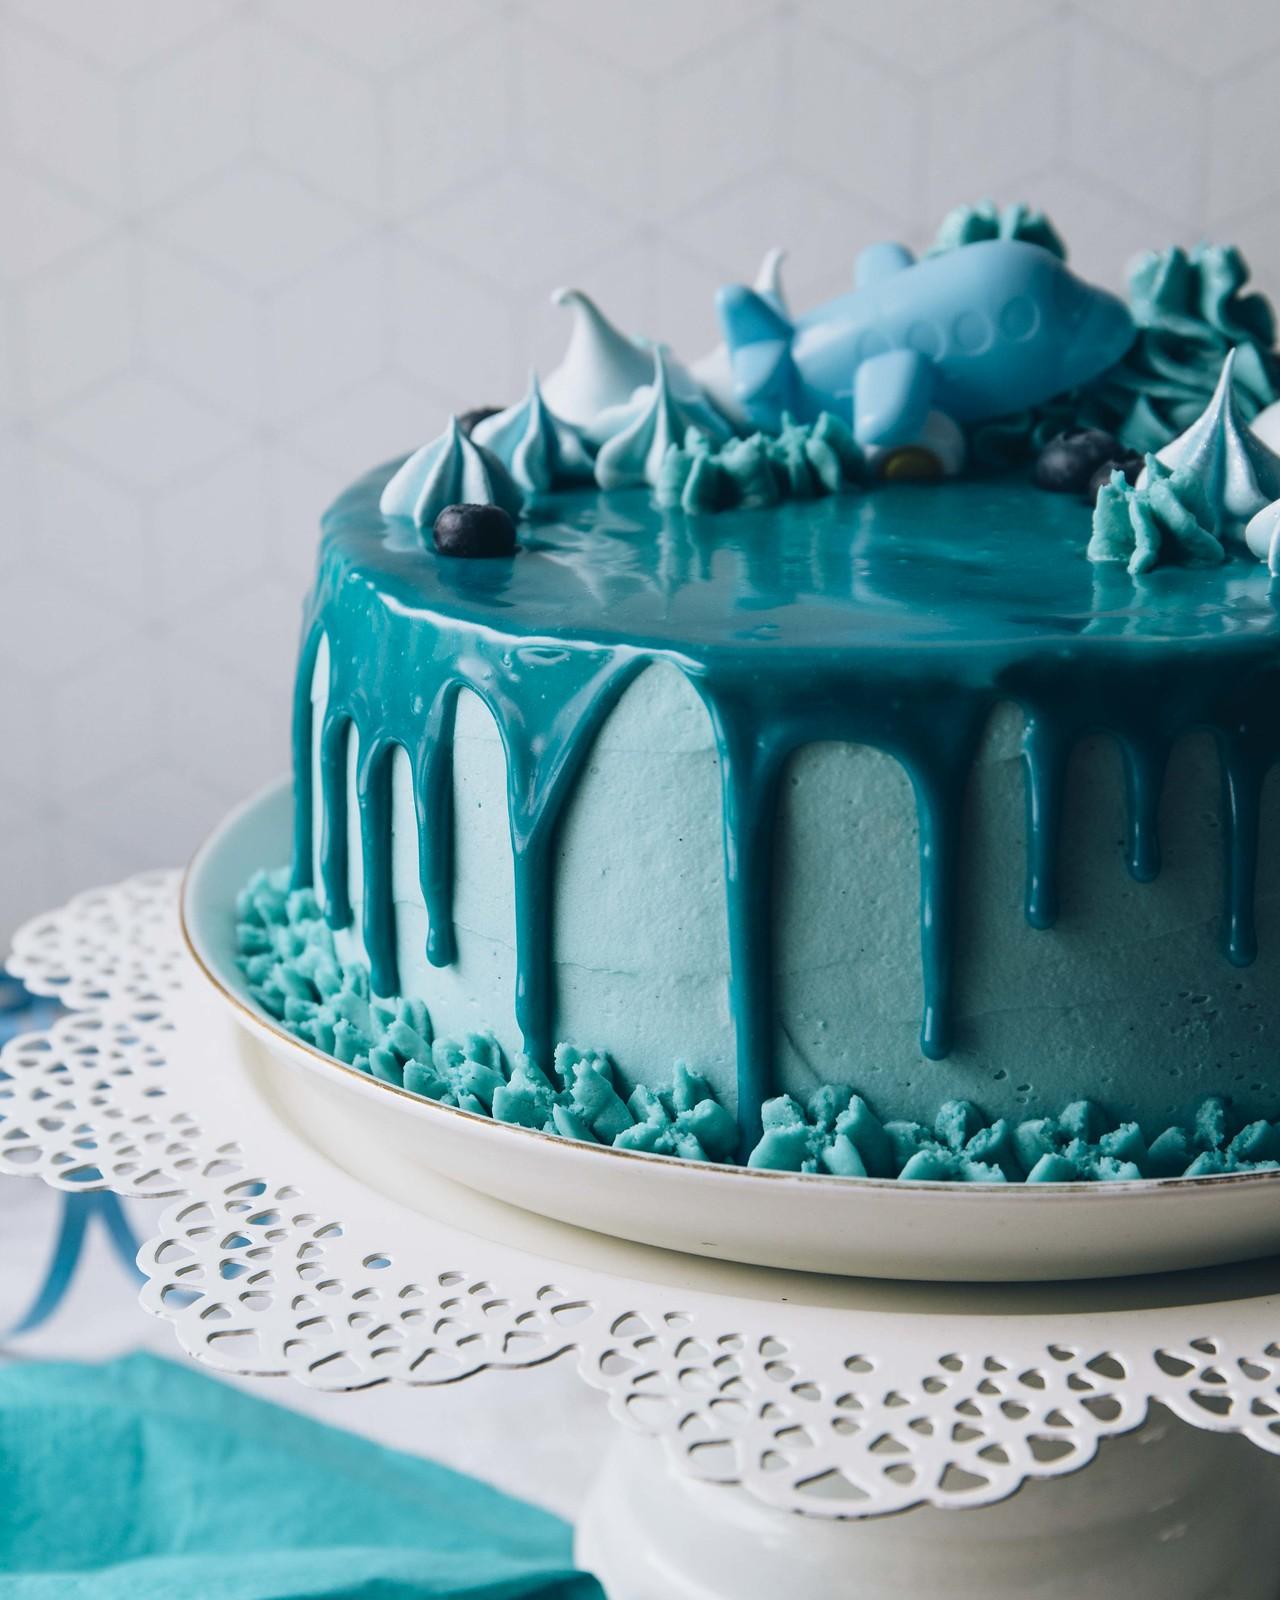 PINOSSA_DRIP_CAKE_FOR_BOYIMG_7532